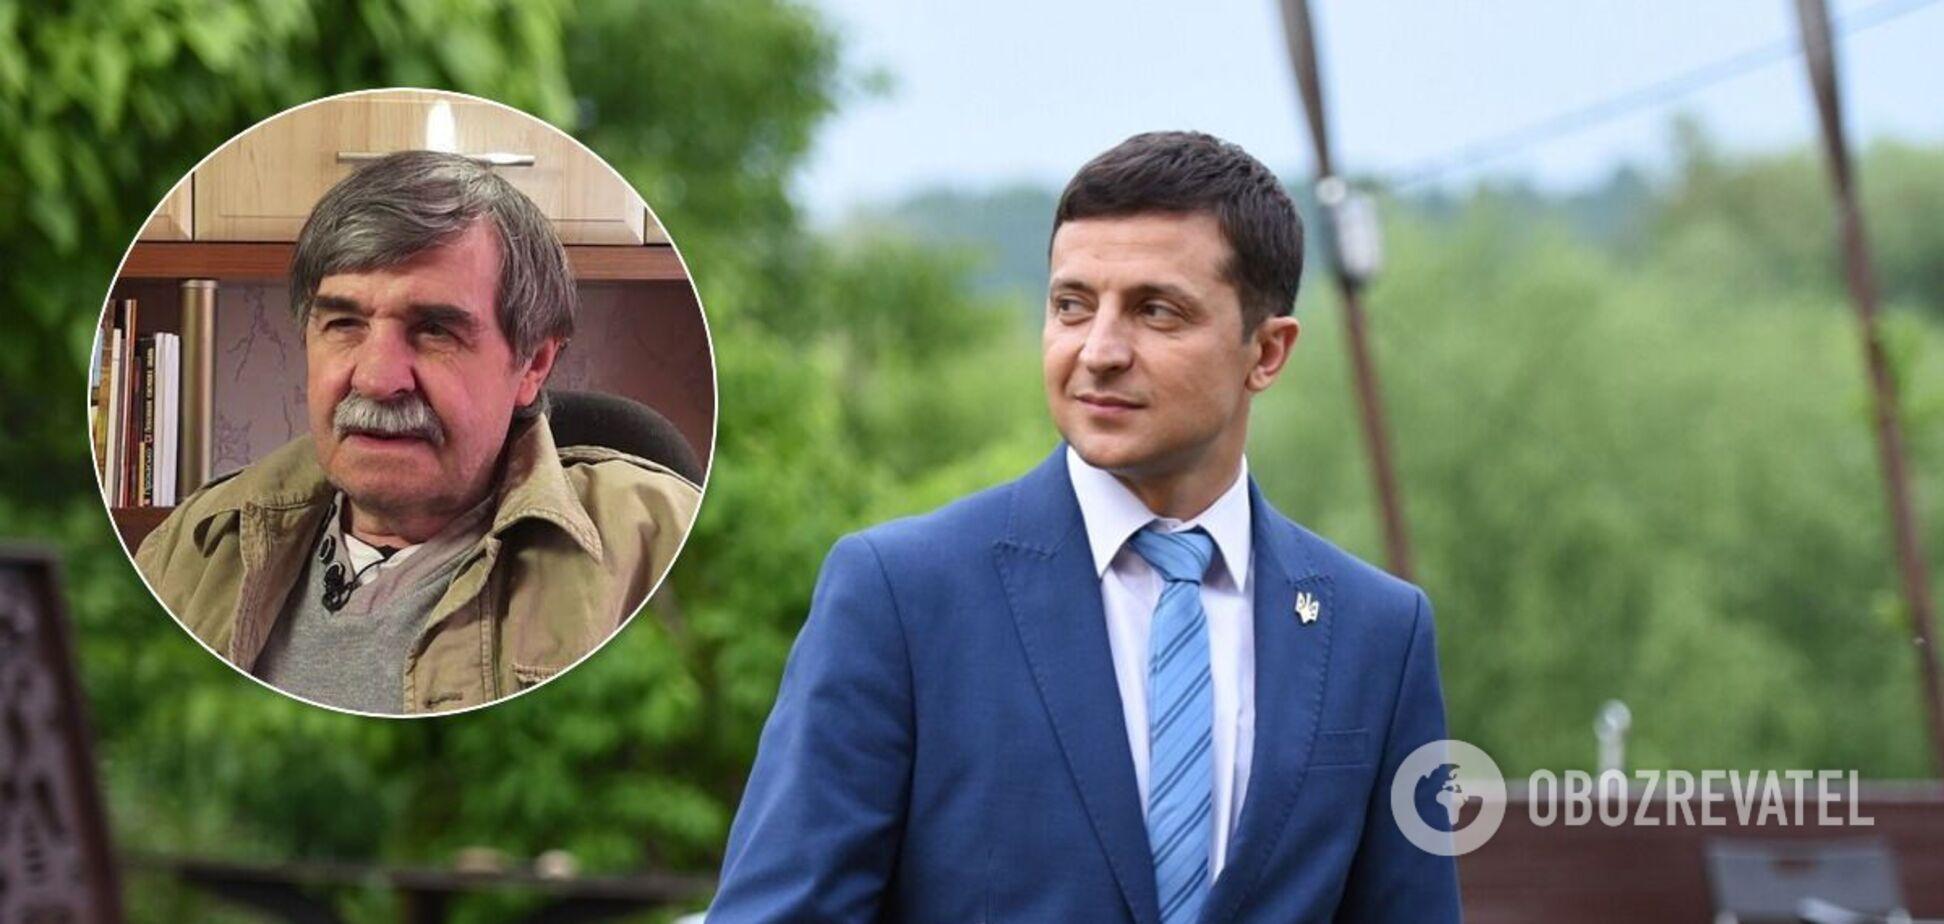 Зеленский назначил пожизненную стипендию настоящему Василию Голобородько